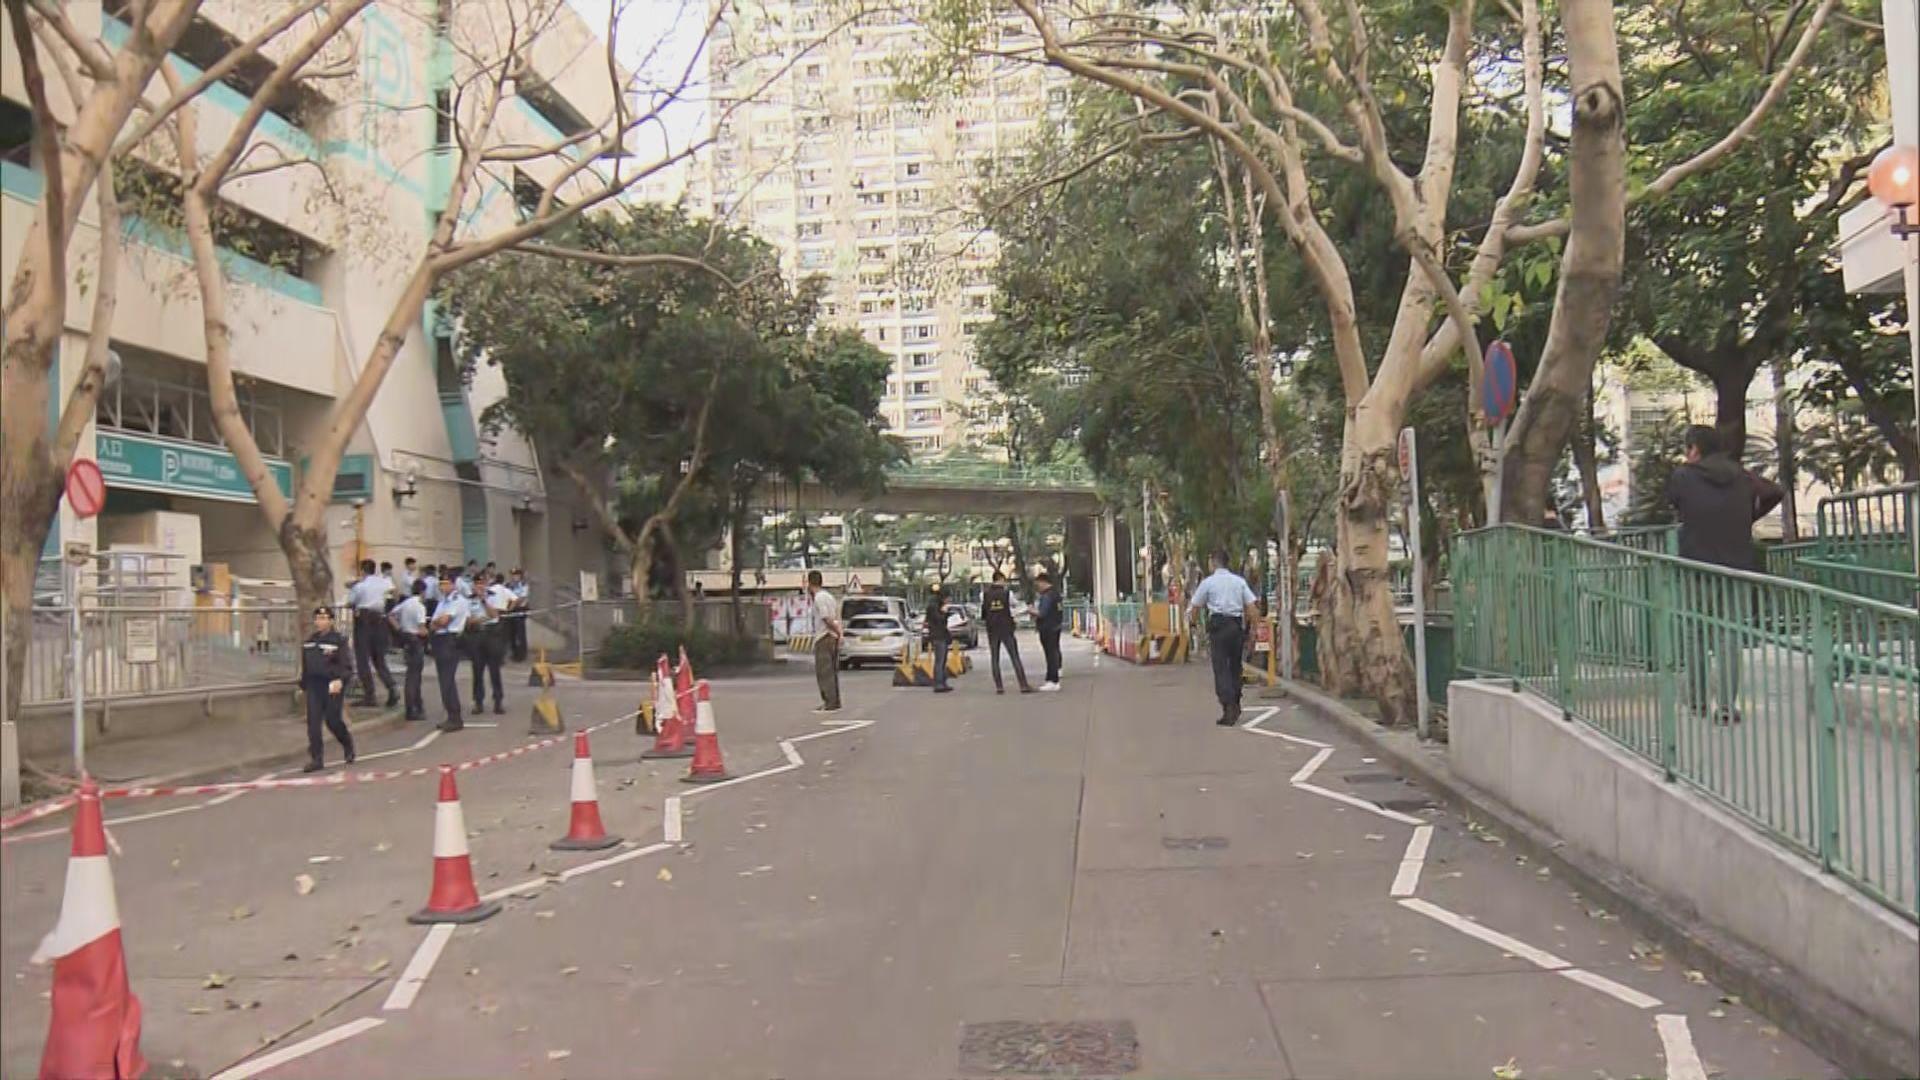 屯門警員開槍案 居民指聽到很大聲的槍聲